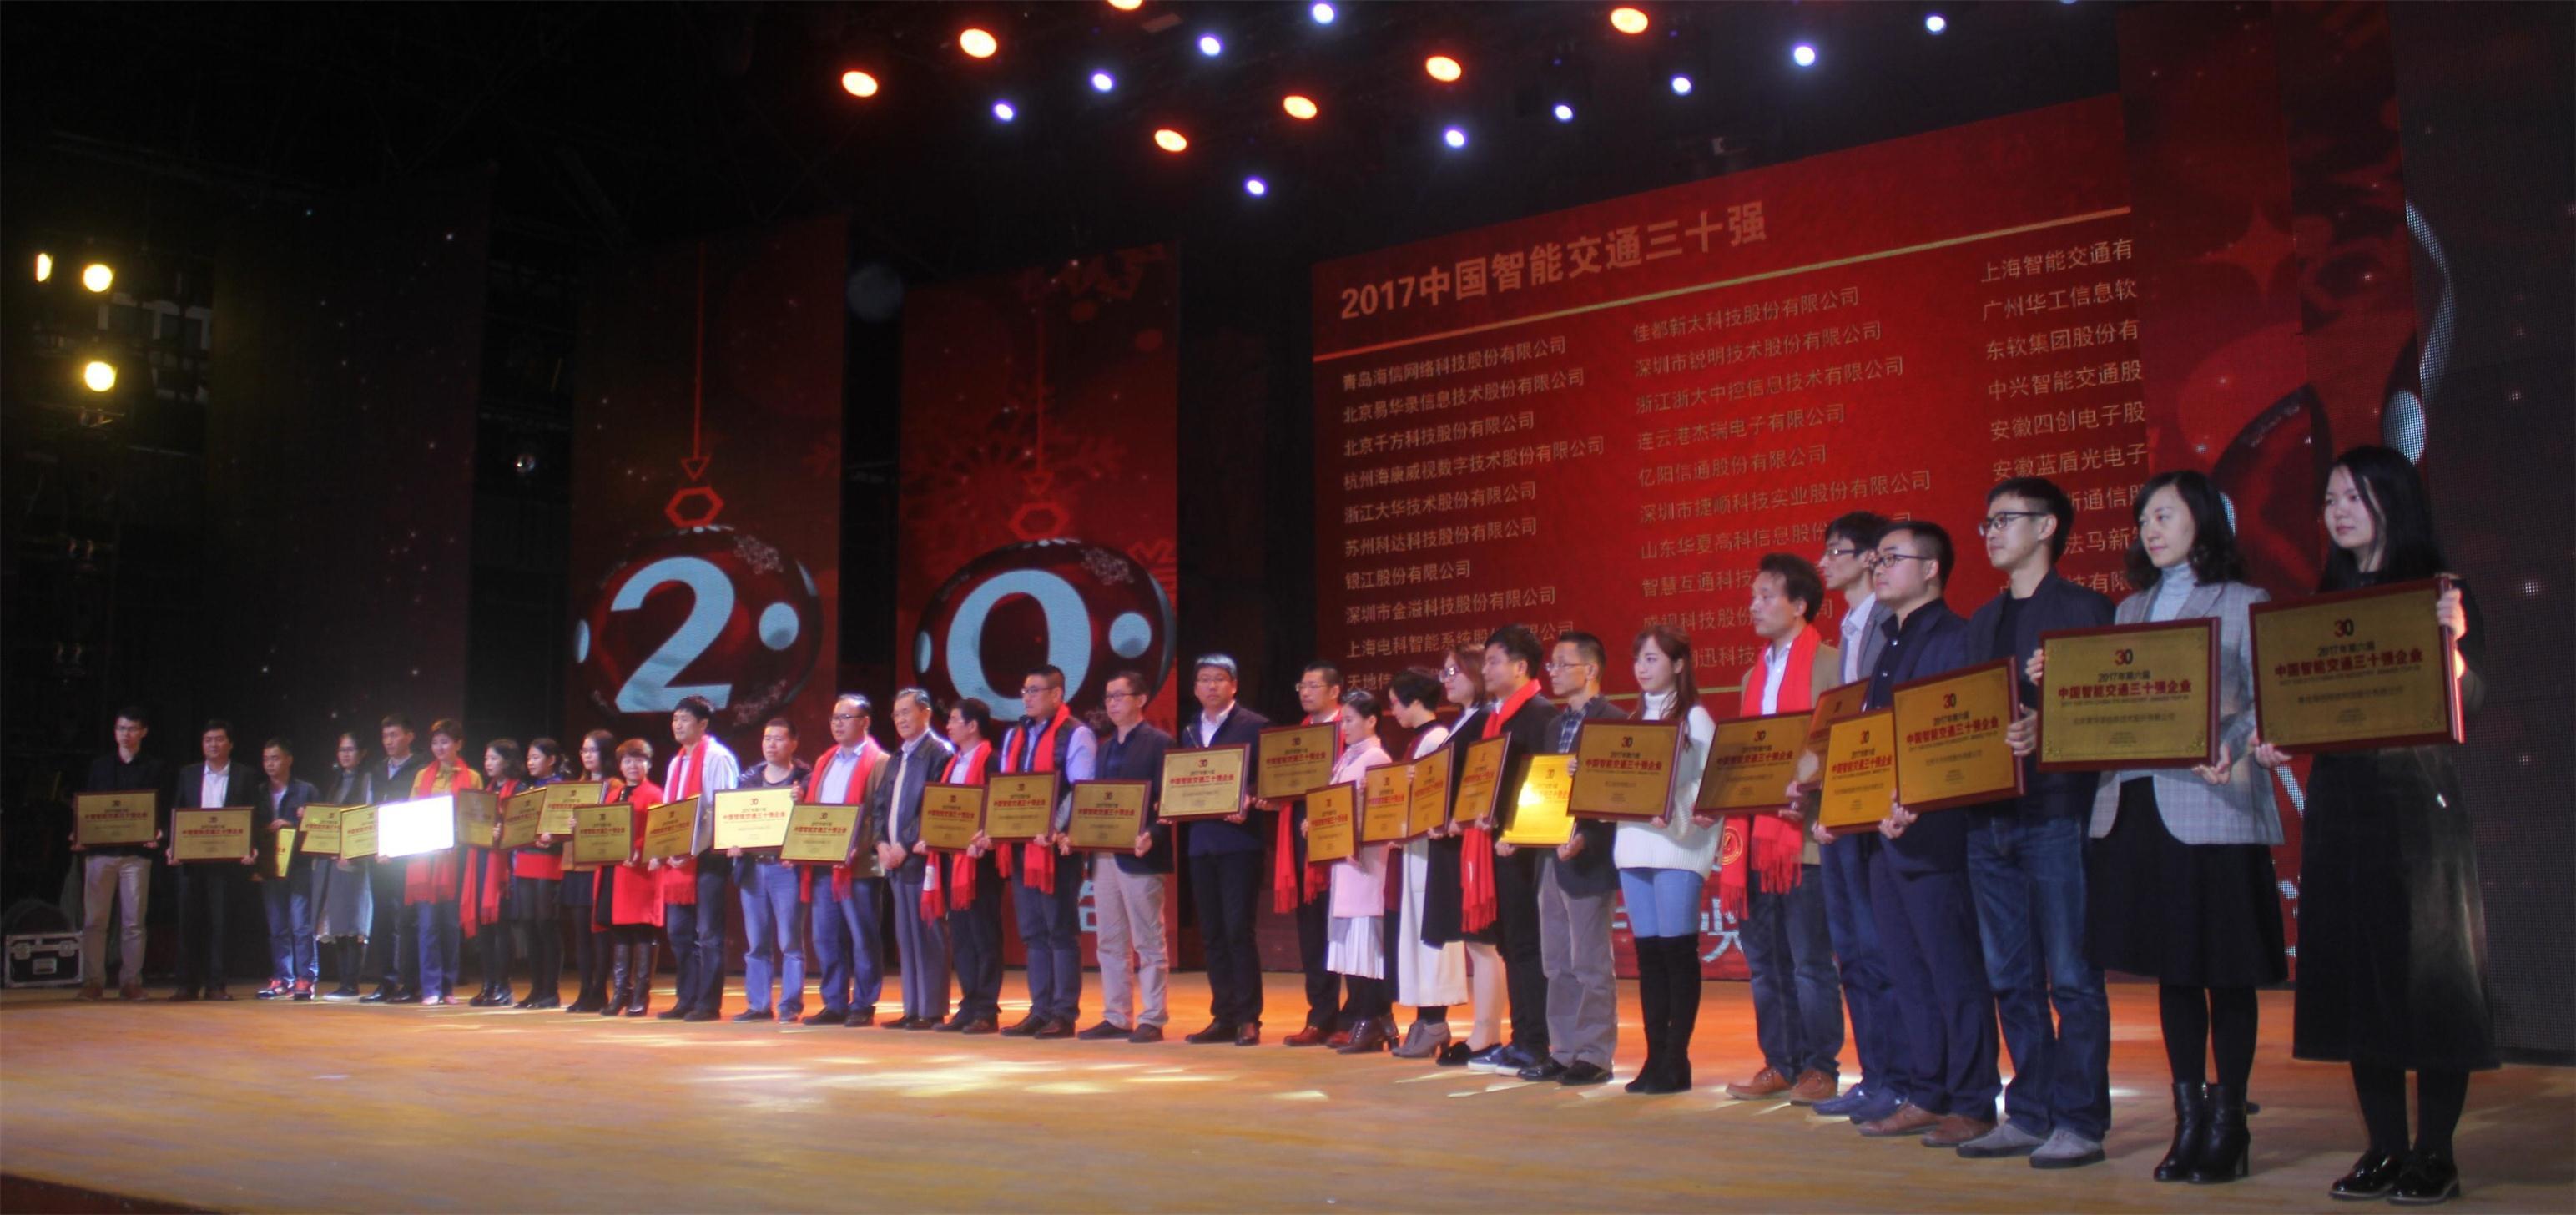 2017中国智能交通三十强出炉,海信网络科技荣登榜首